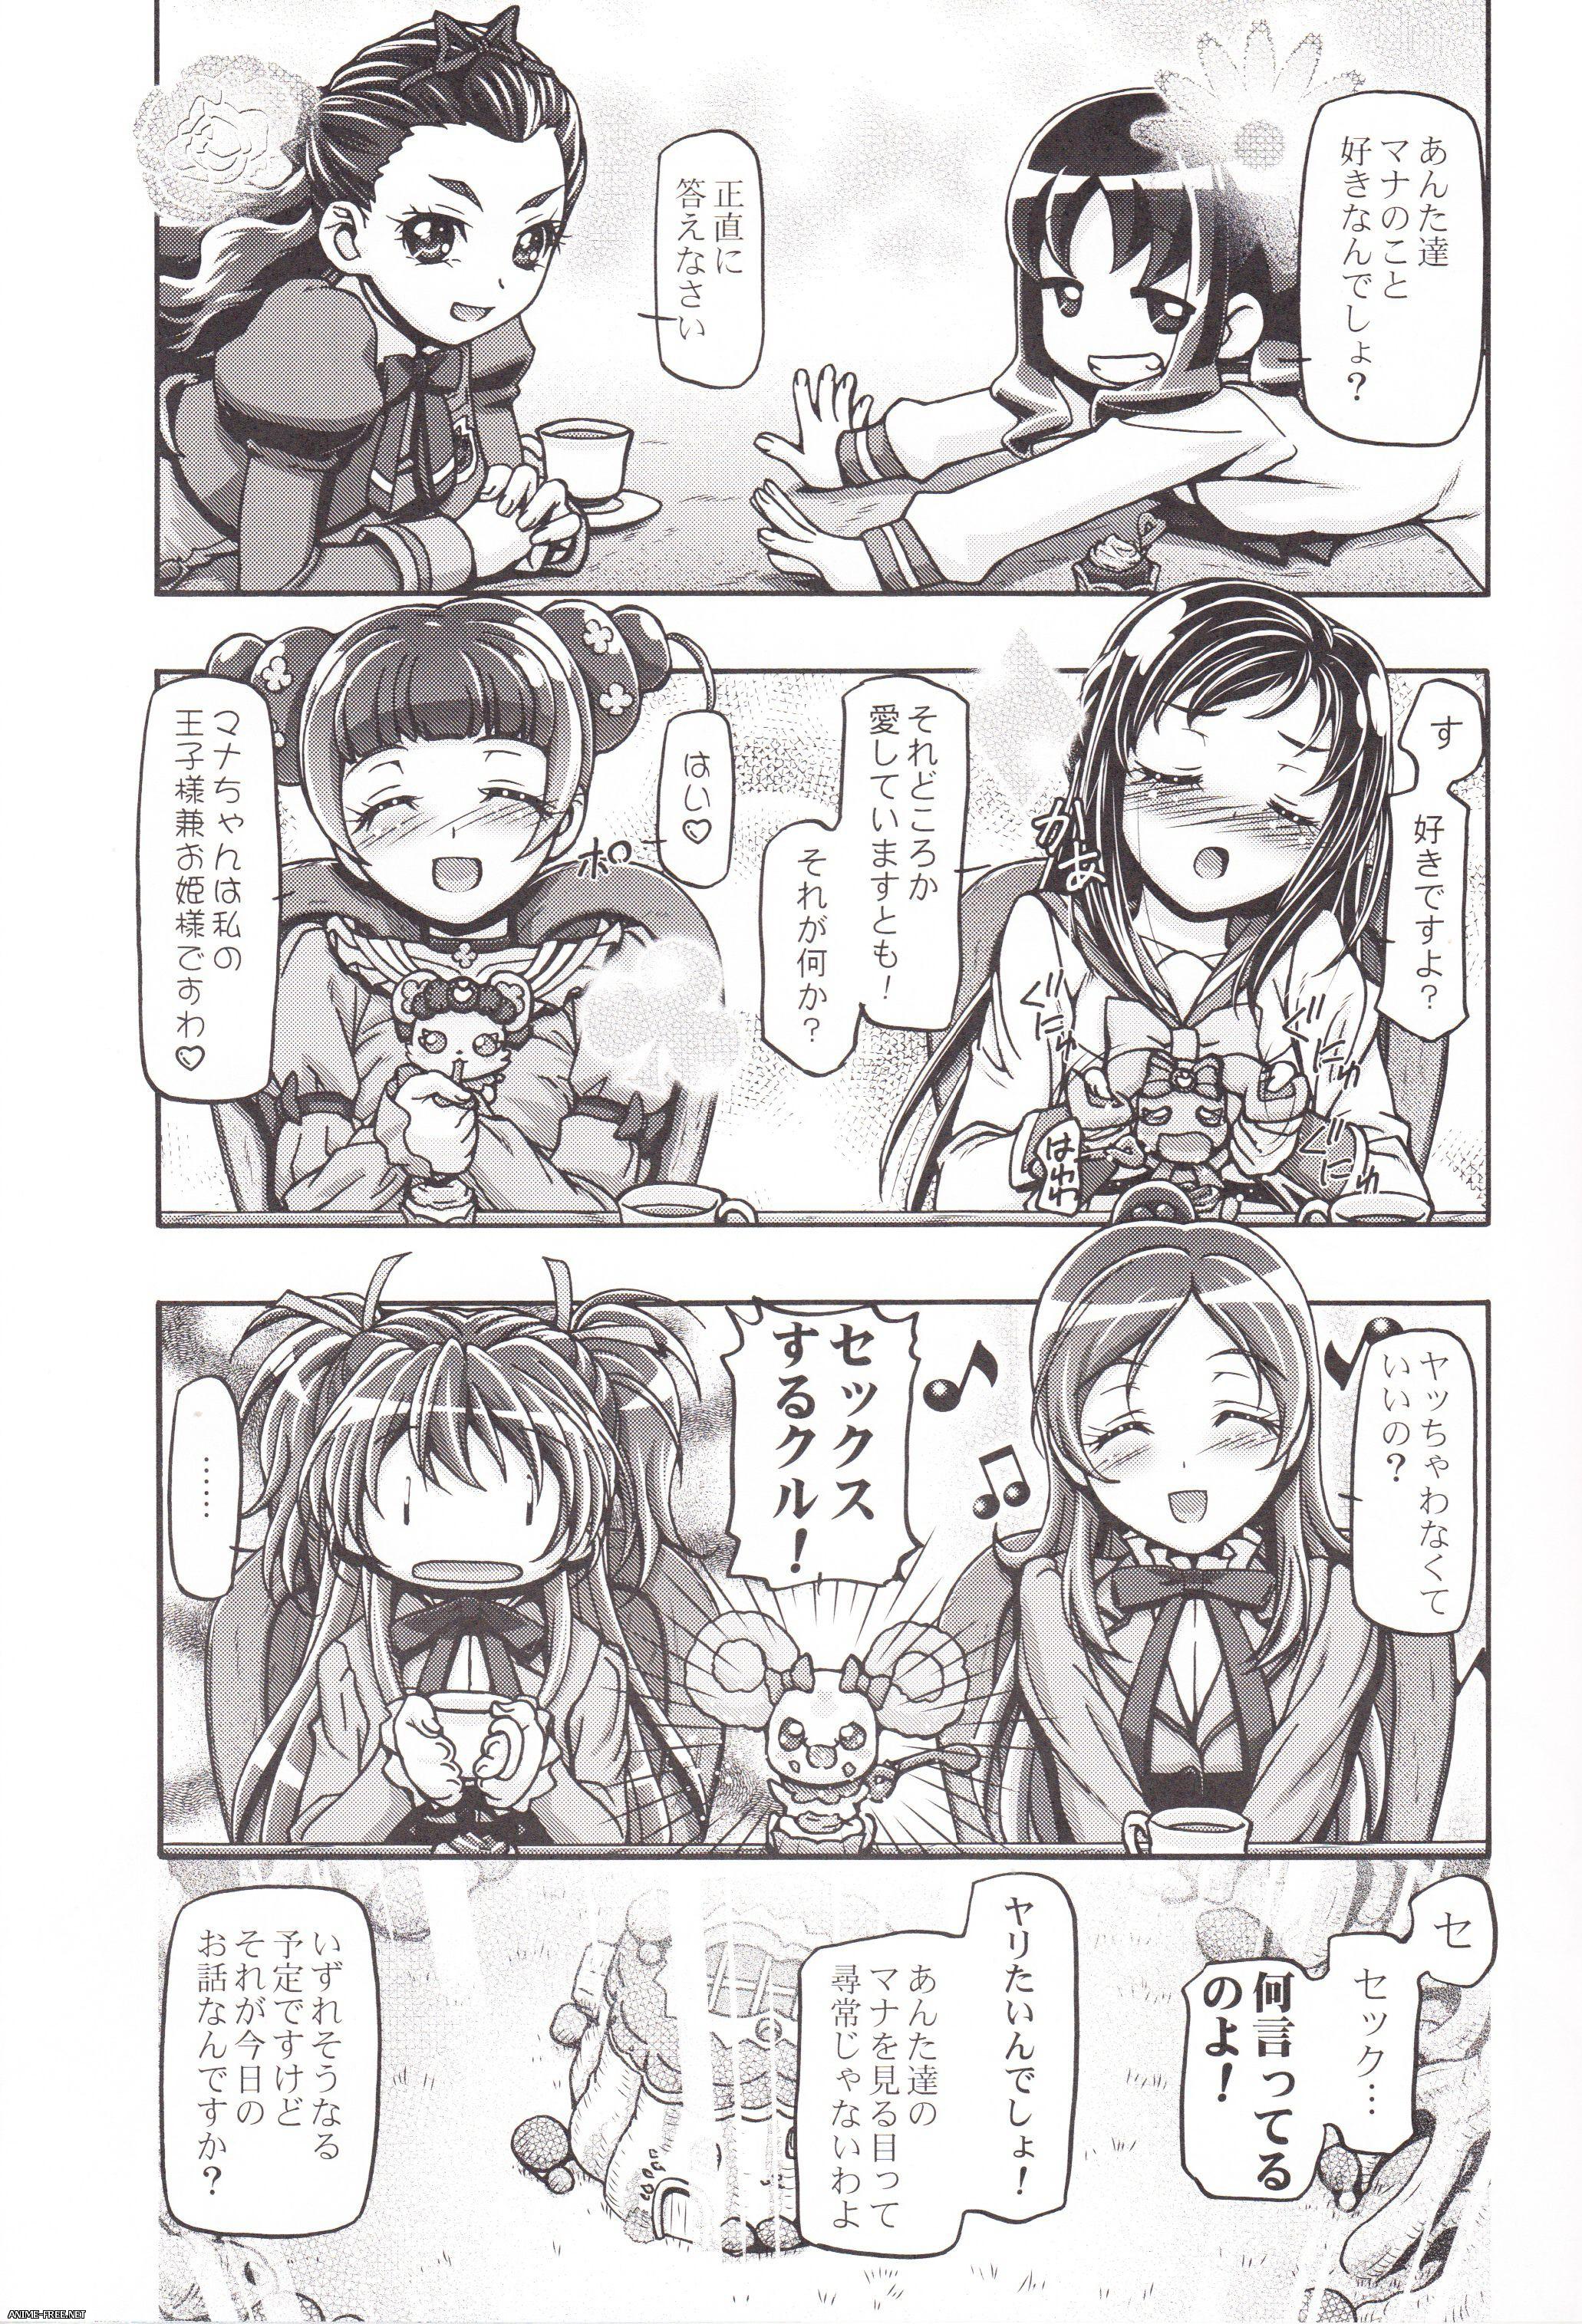 Kousaka Jun — DokiDoki Punicure и Smile Punicure [Cen] [JAP] Manga Hentai